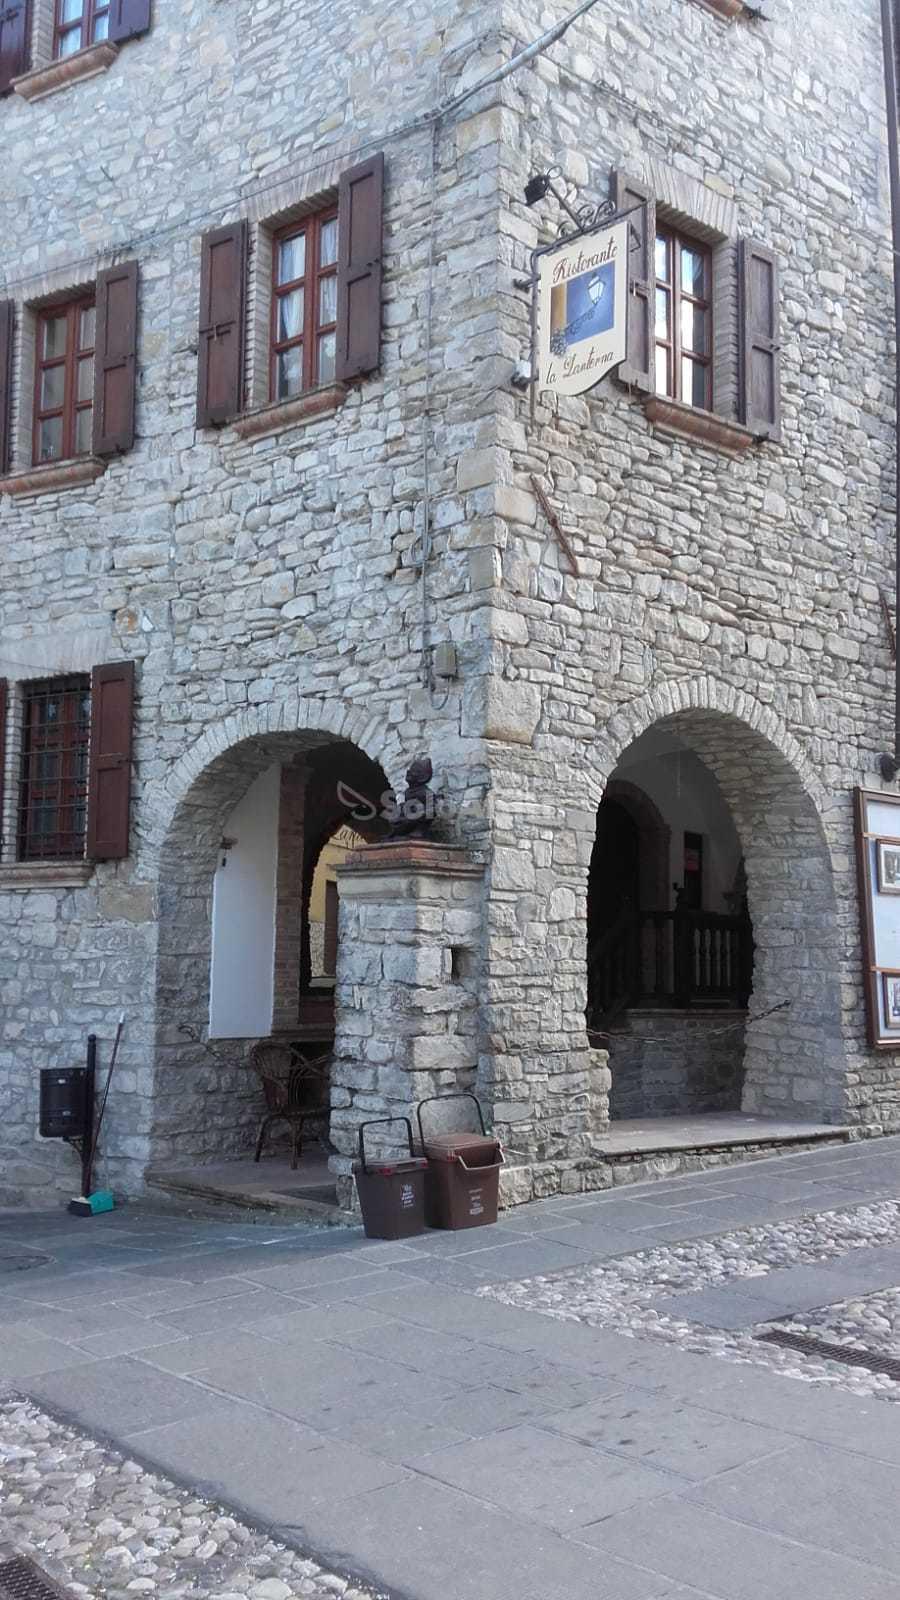 SoloAffittiParma1,ristorante in sasso Calestano